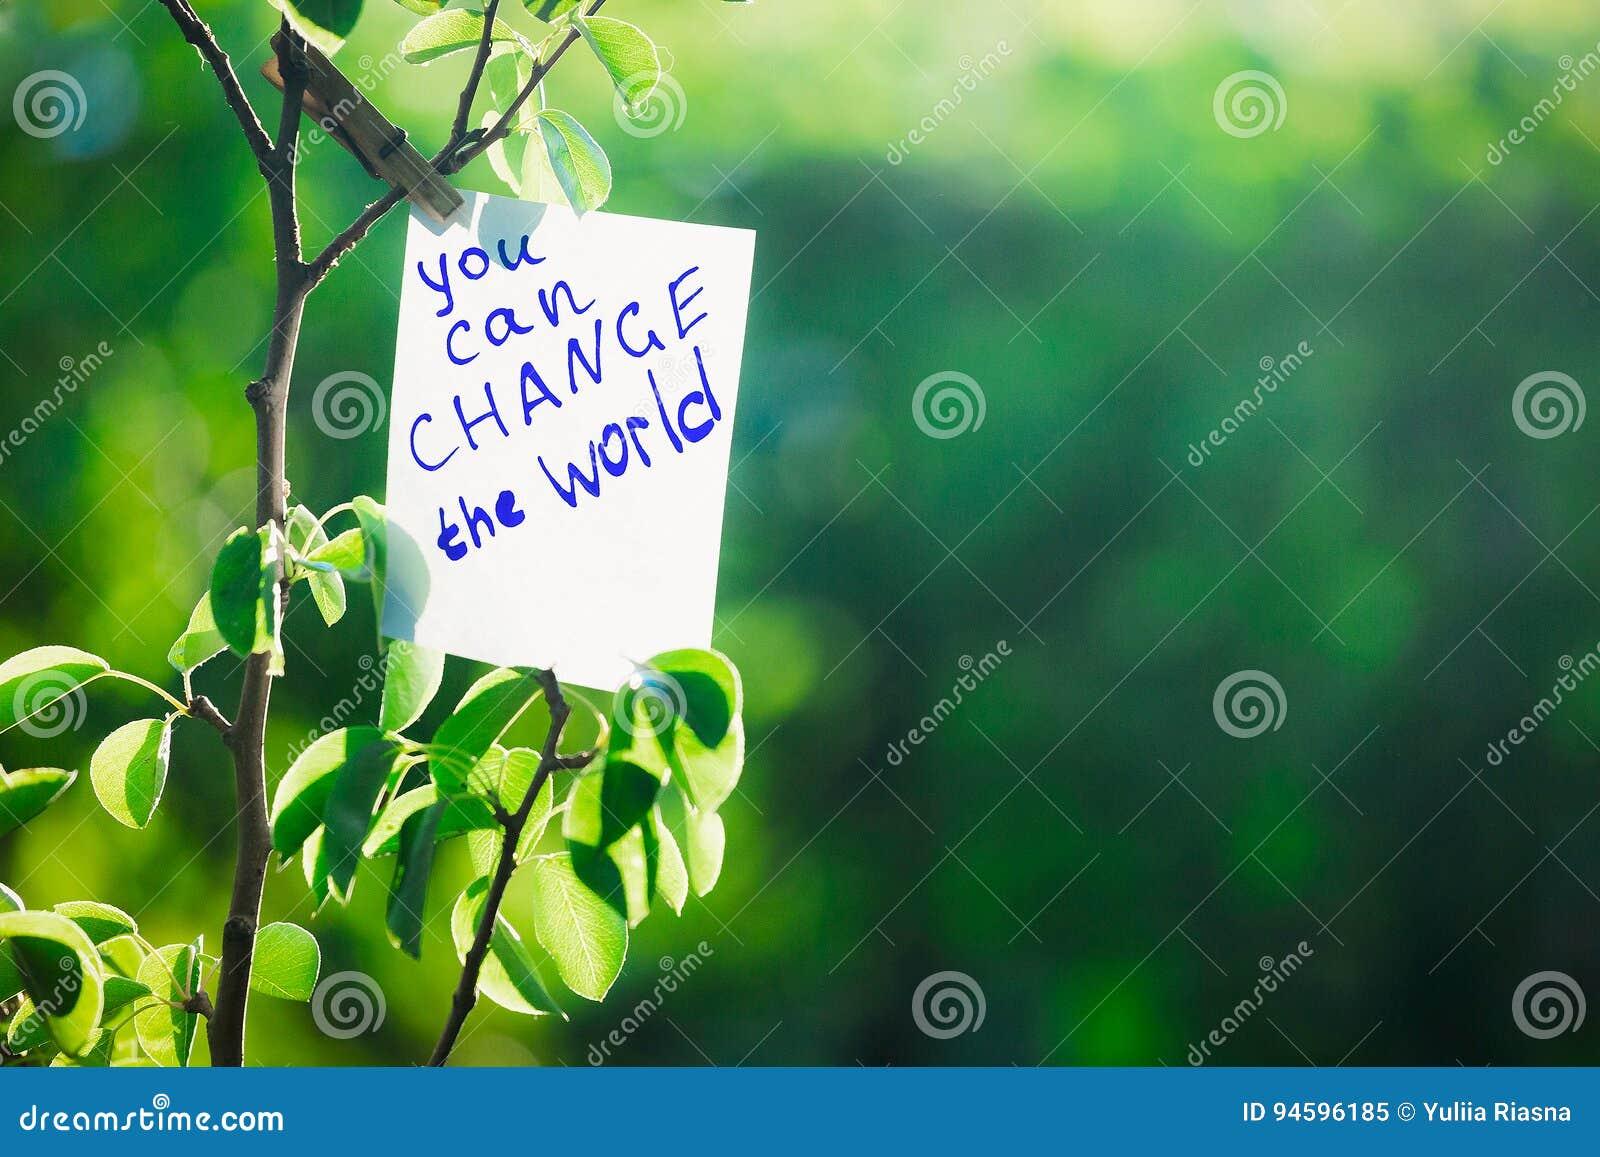 De motiverende uitdrukking u kan de wereld veranderen Op een groene achtergrond op een tak is een Witboek met een motiverende uit